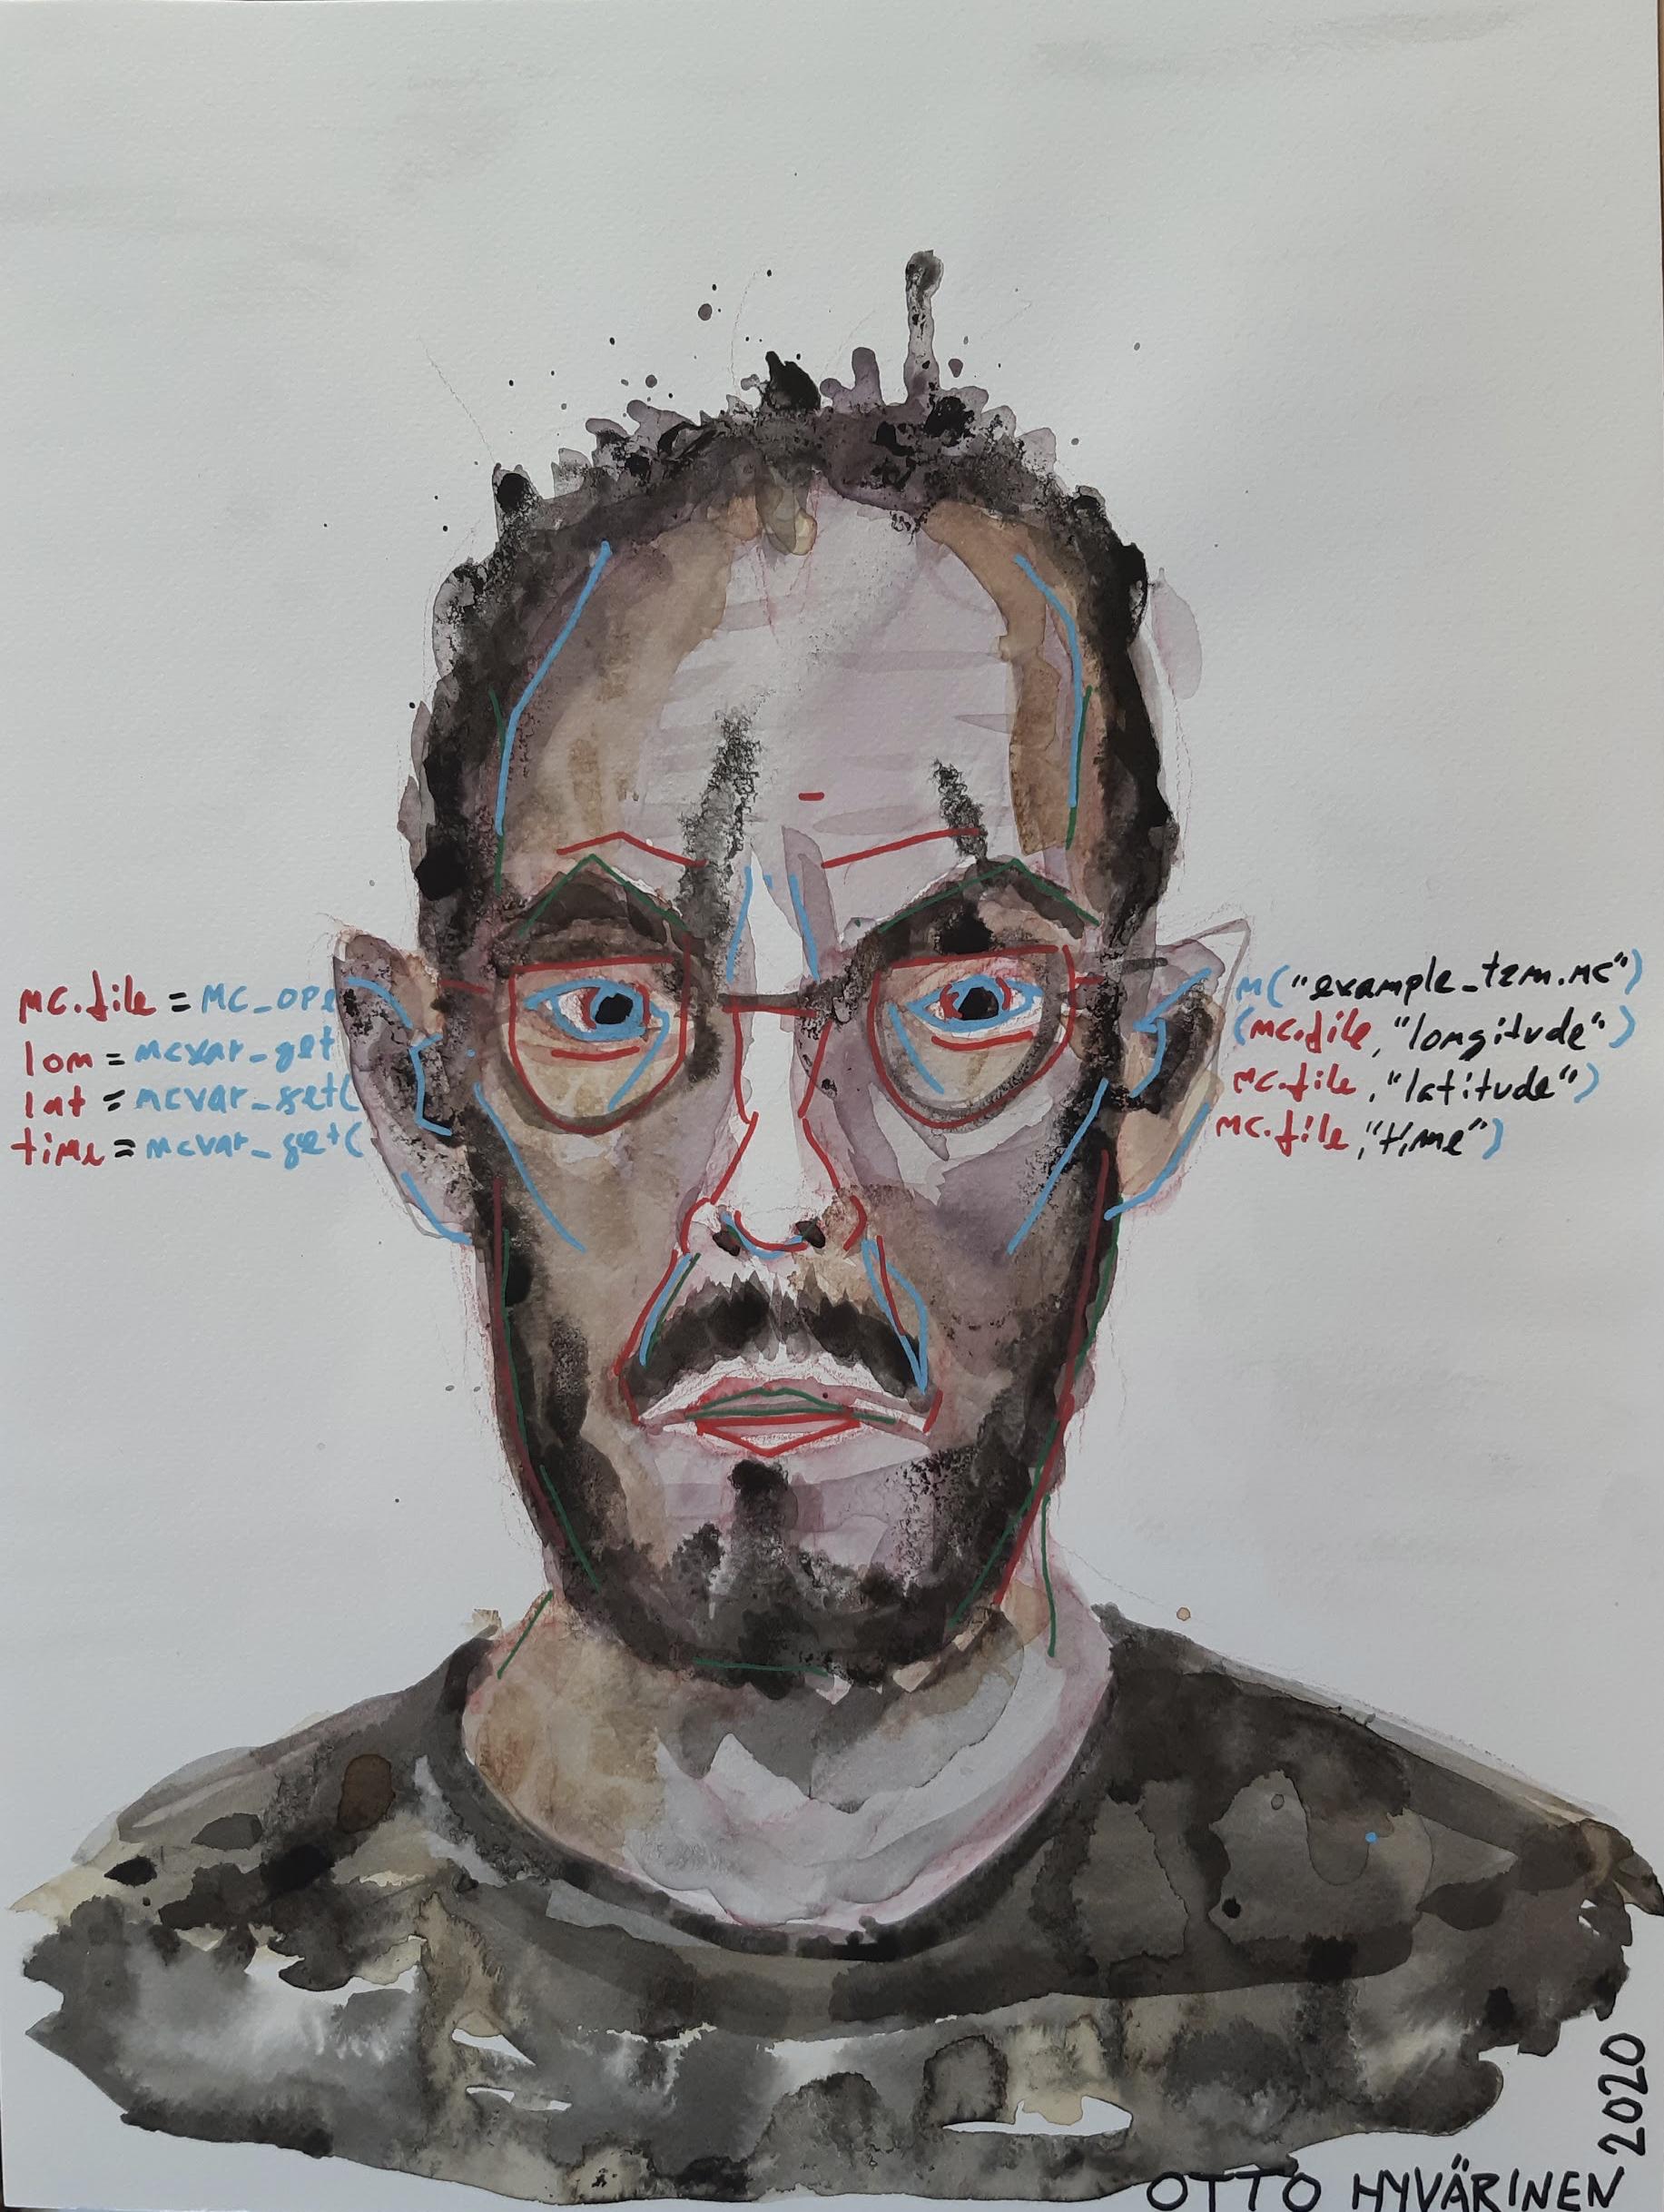 25. Otto Hyvarinen Tutkija